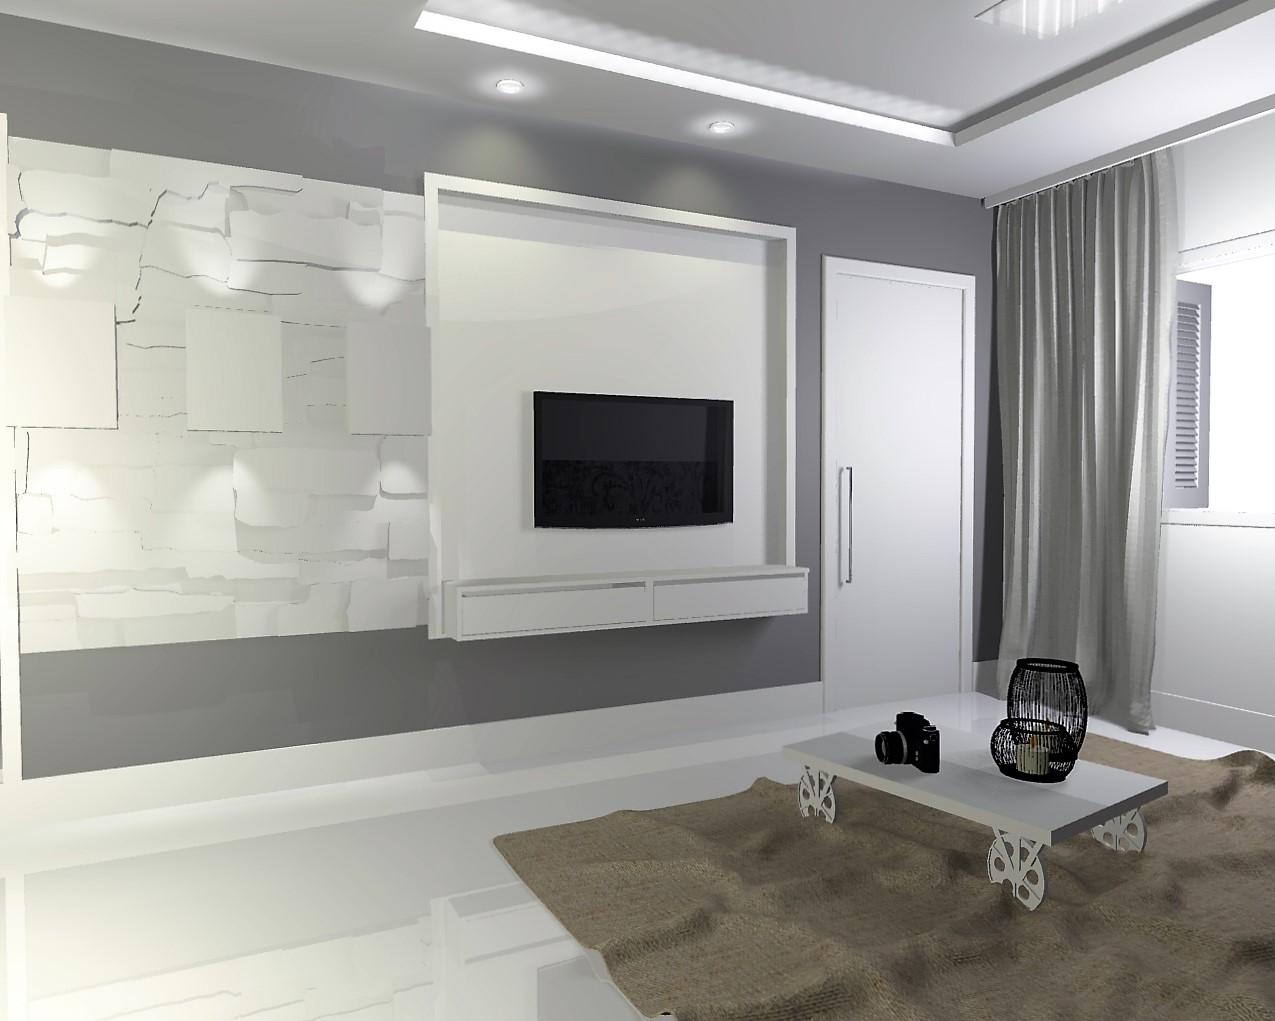 #595144 de estar pequena decoração de sala de jantar moveis para sala de  1275x1021 píxeis em Decoração De Sala De Estar Com Gesso